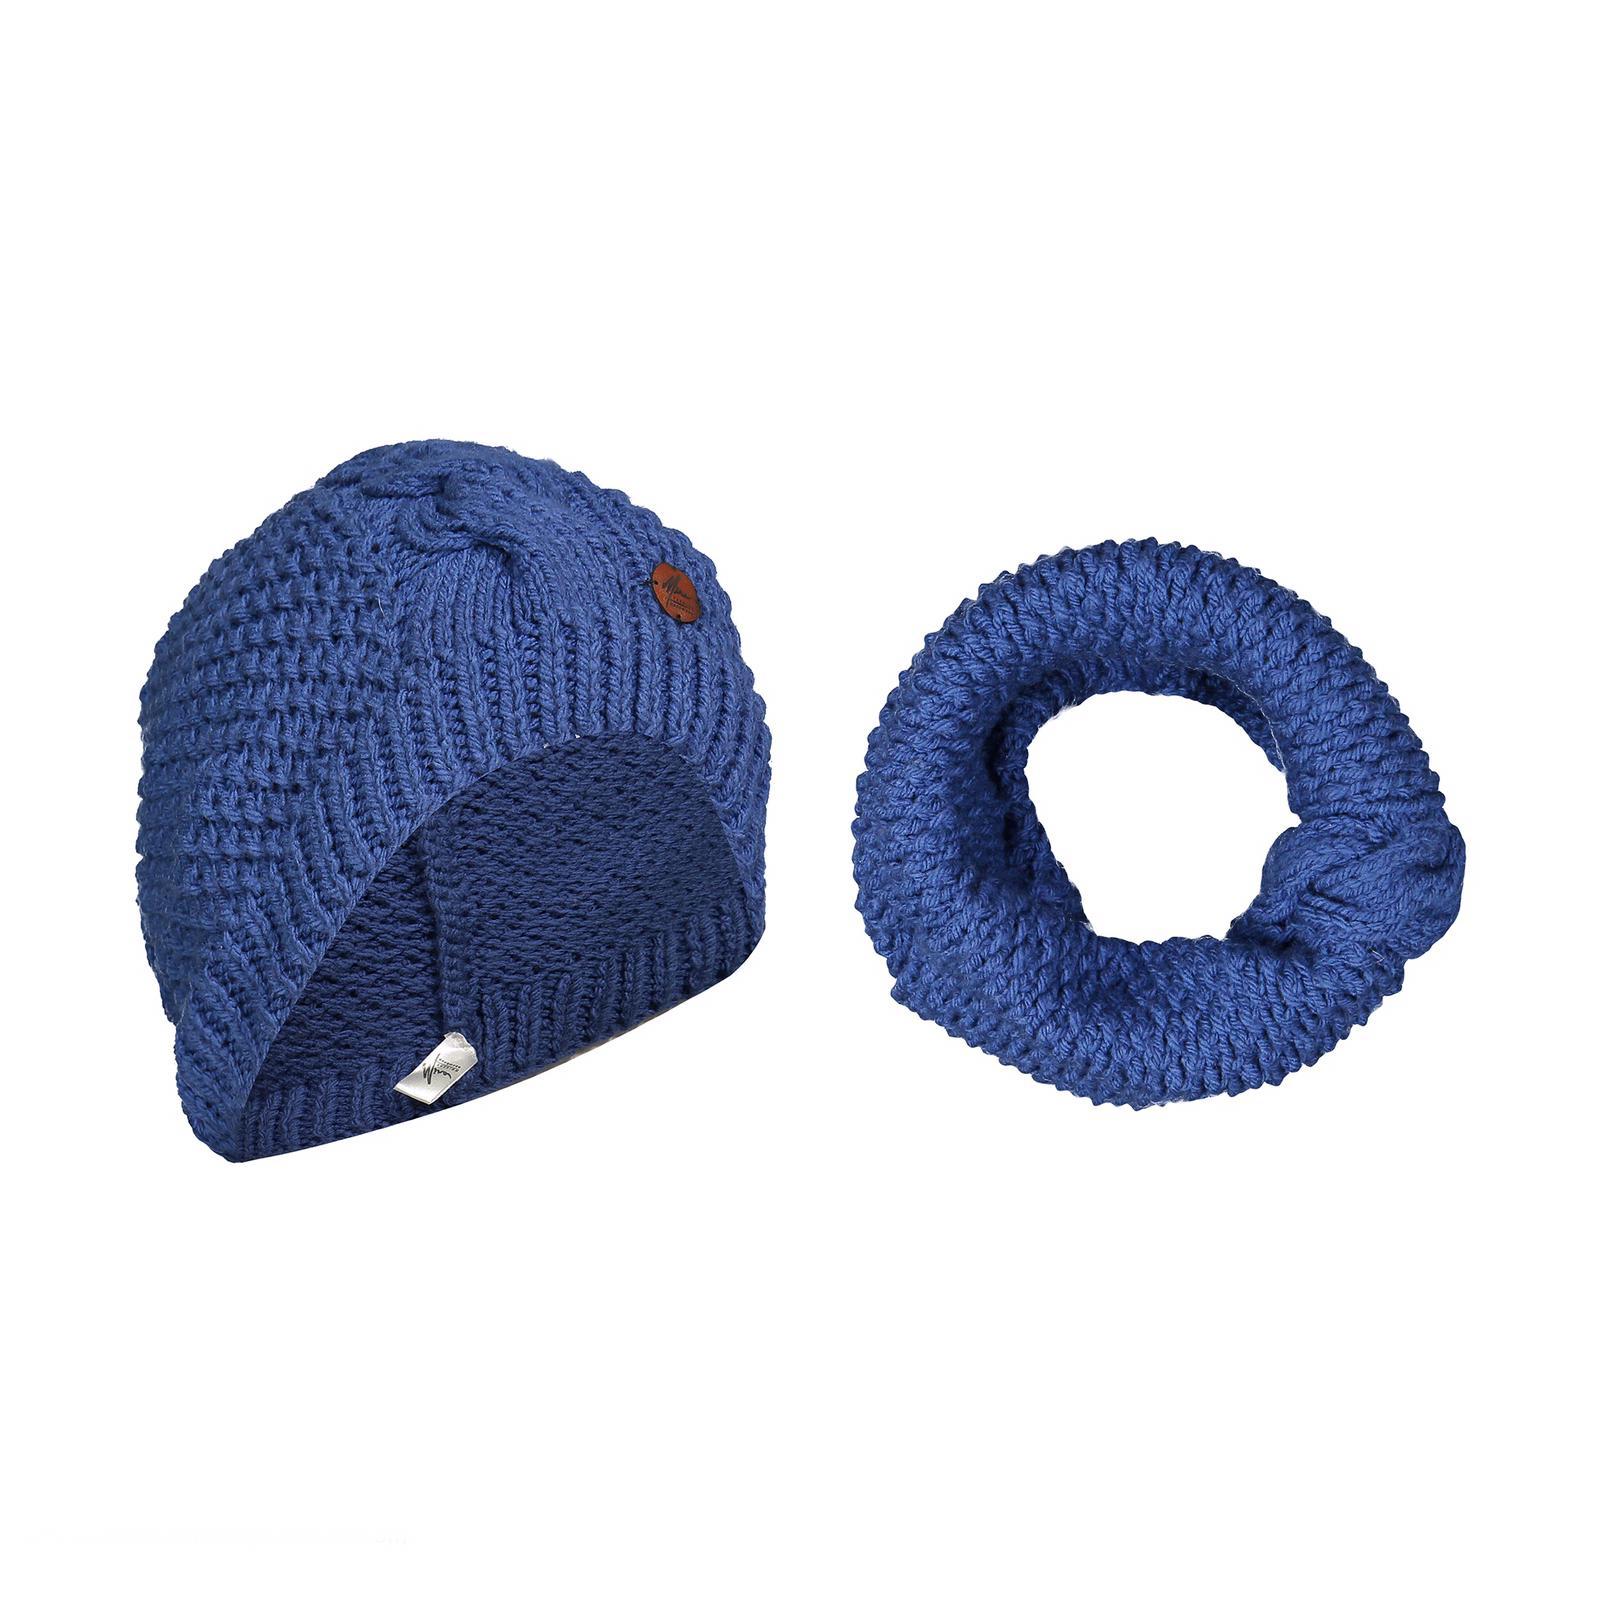 ست کلاه و شال گردن بافتنی میرافشن مدل Azure